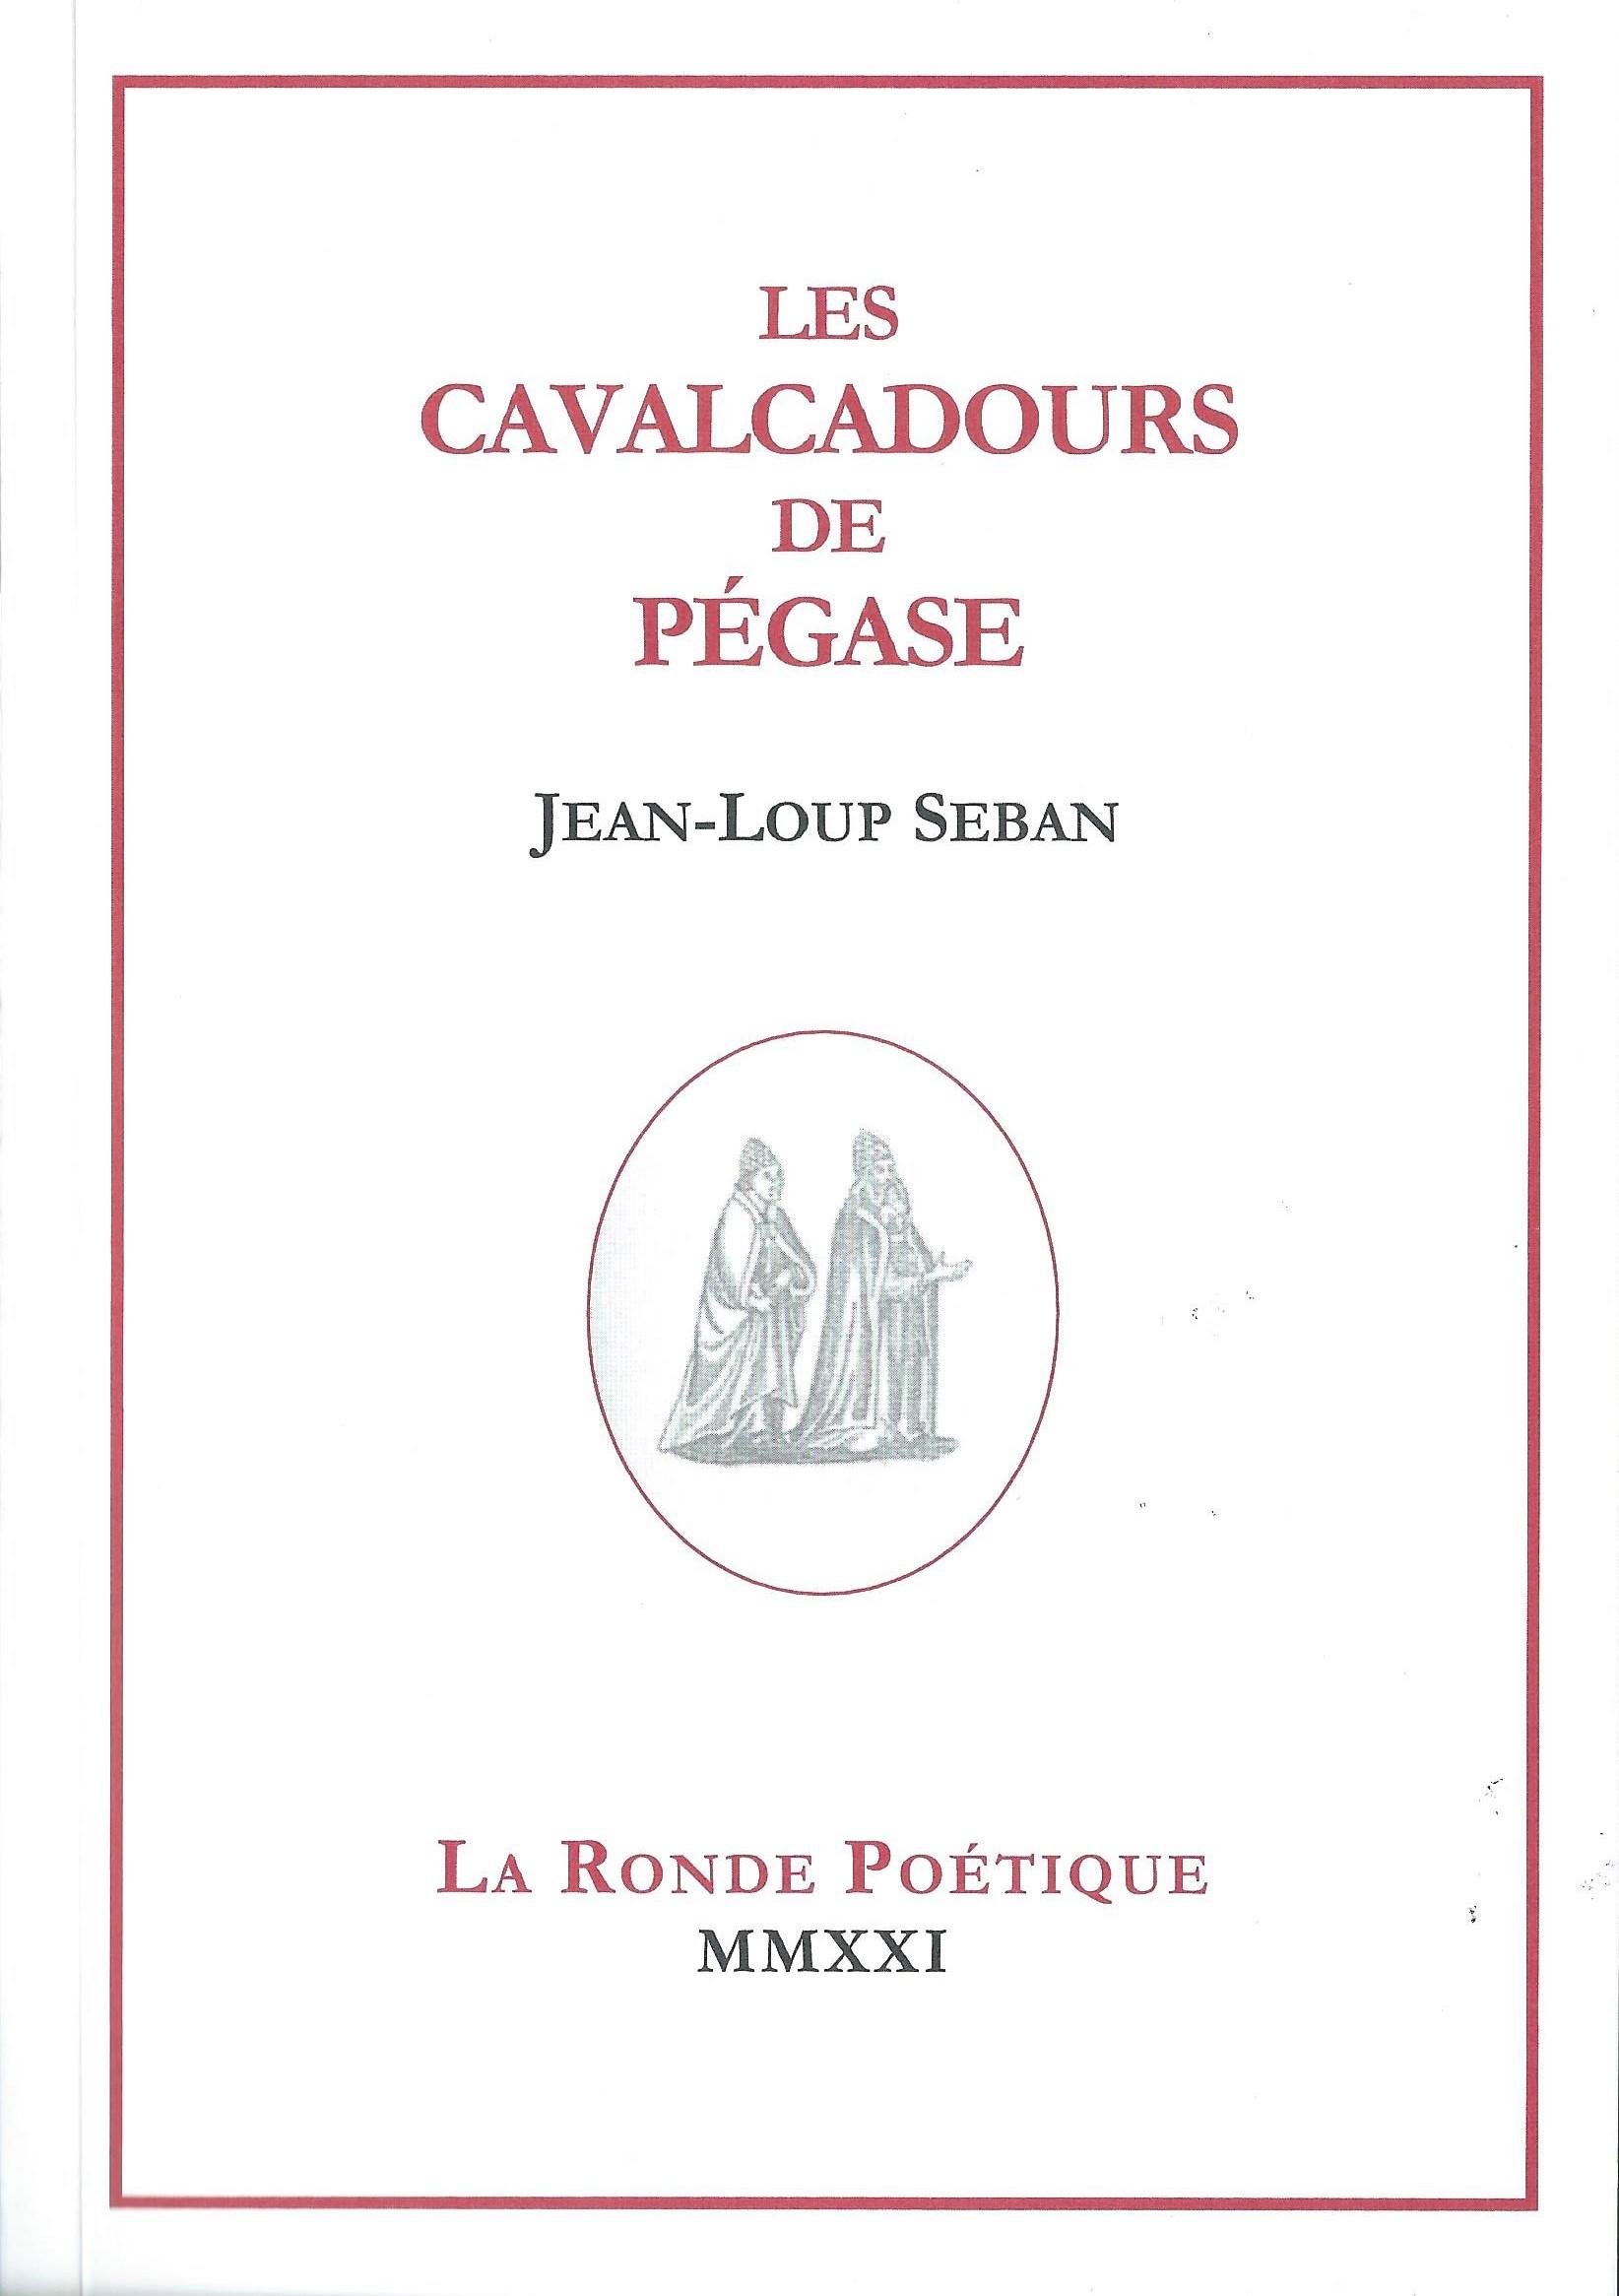 JEAN-LOUP SEBAN - Les Cavalcadours de Pégase